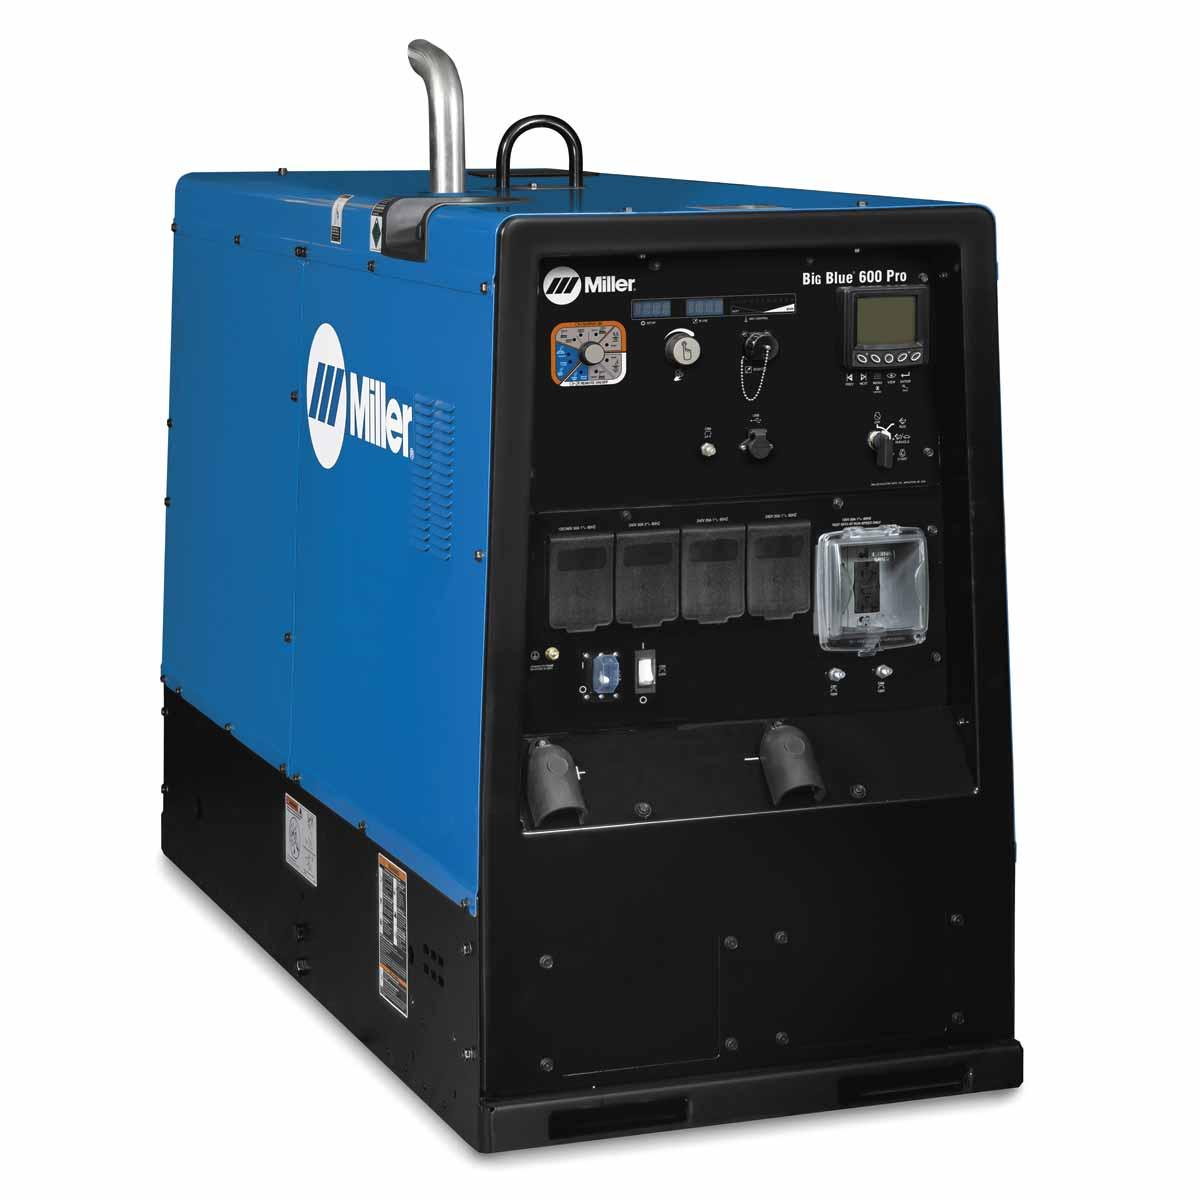 BIG BLUE 600 PRO (KUBOTA) 907737